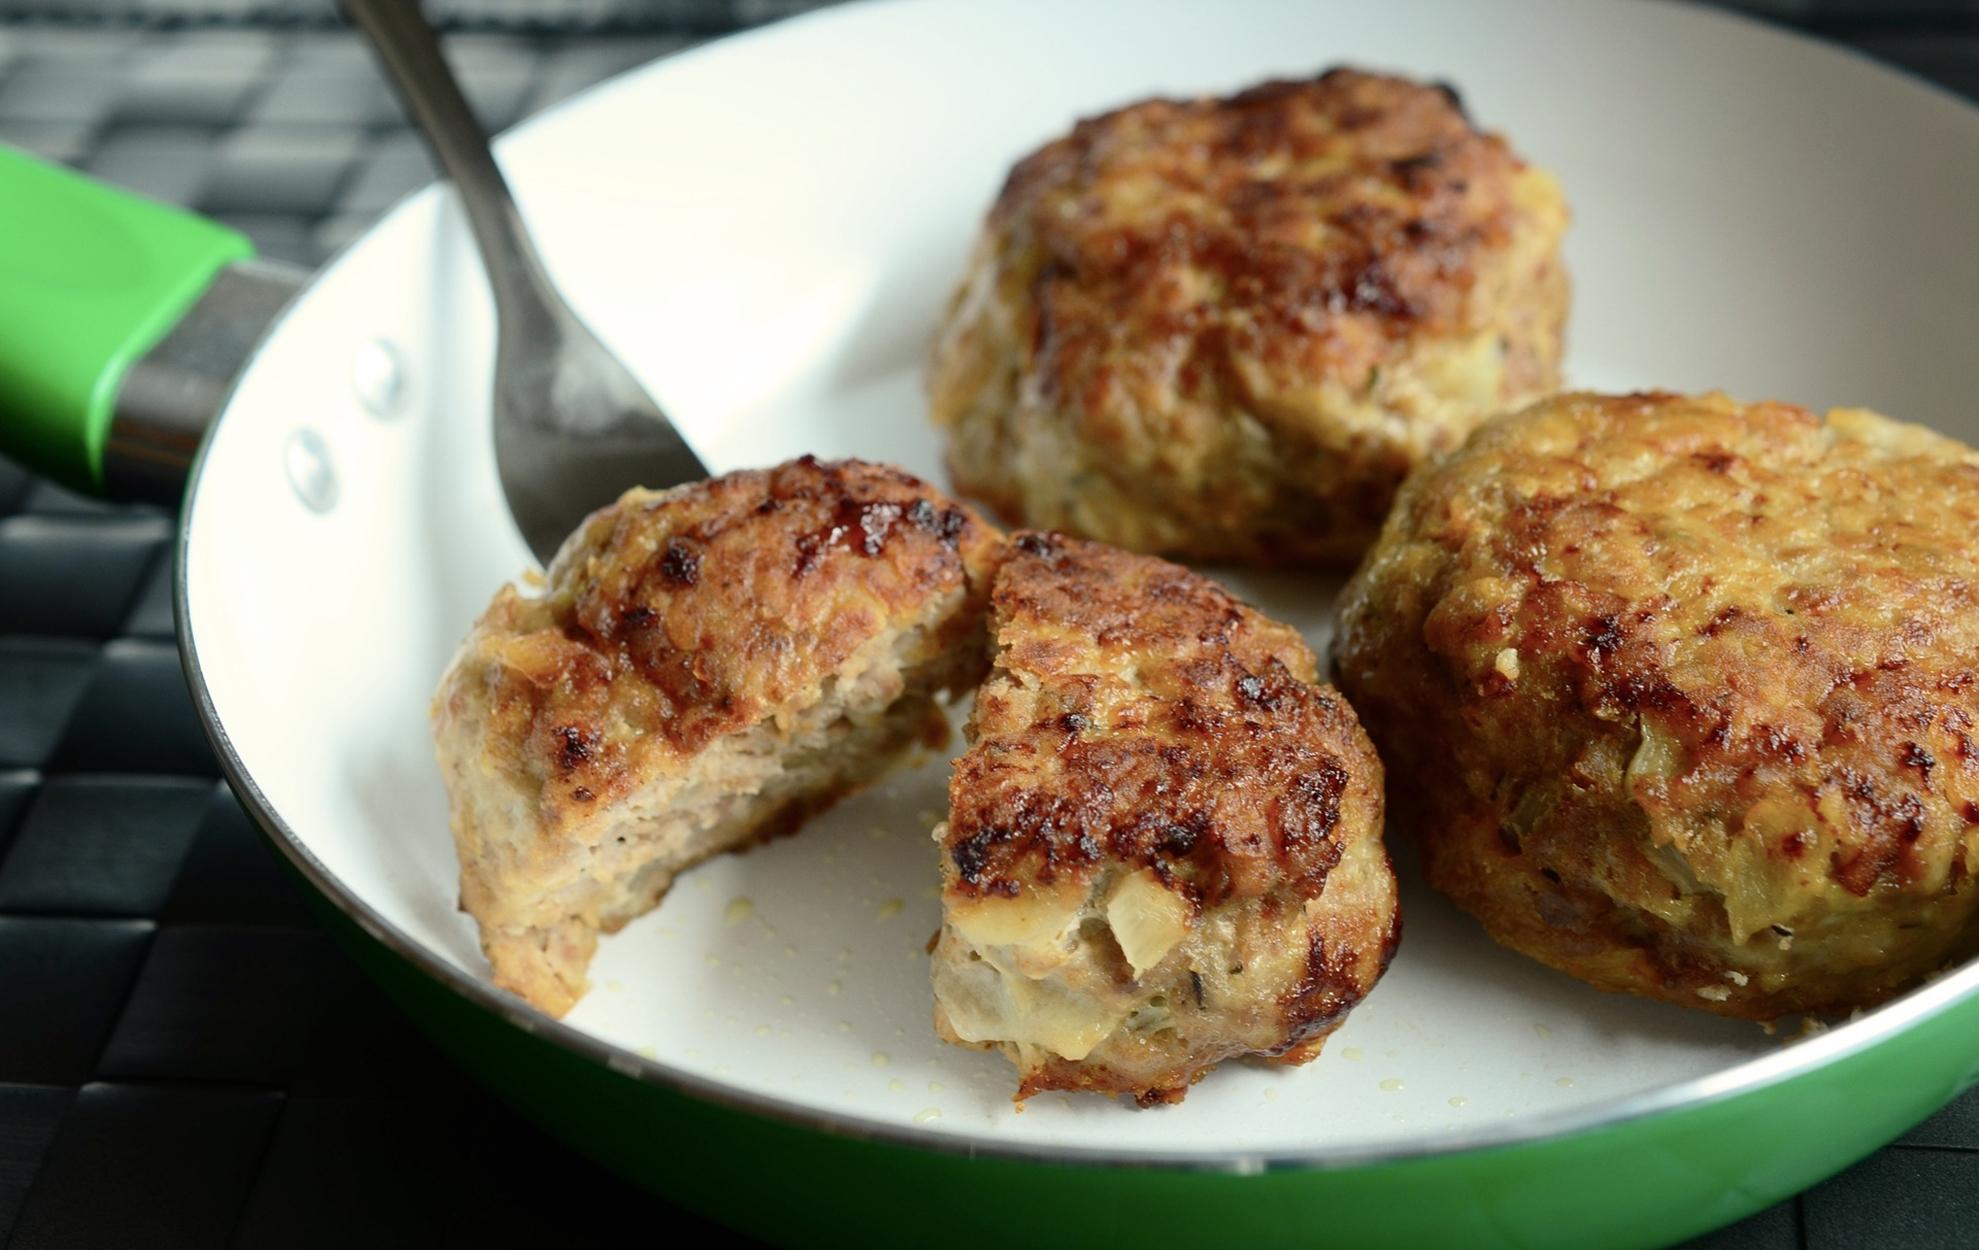 Turkey-veggie meatballs